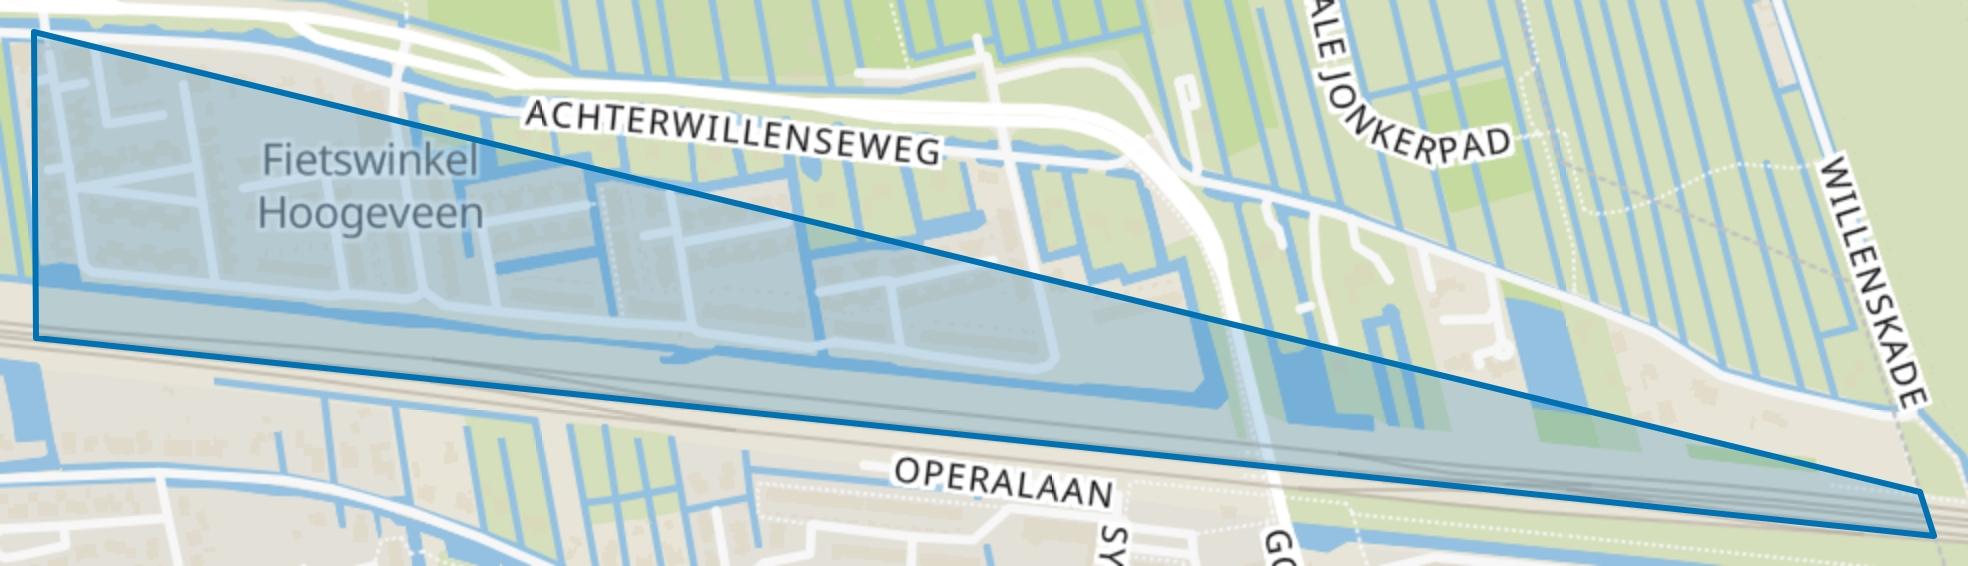 Middenwillens, Gouda map